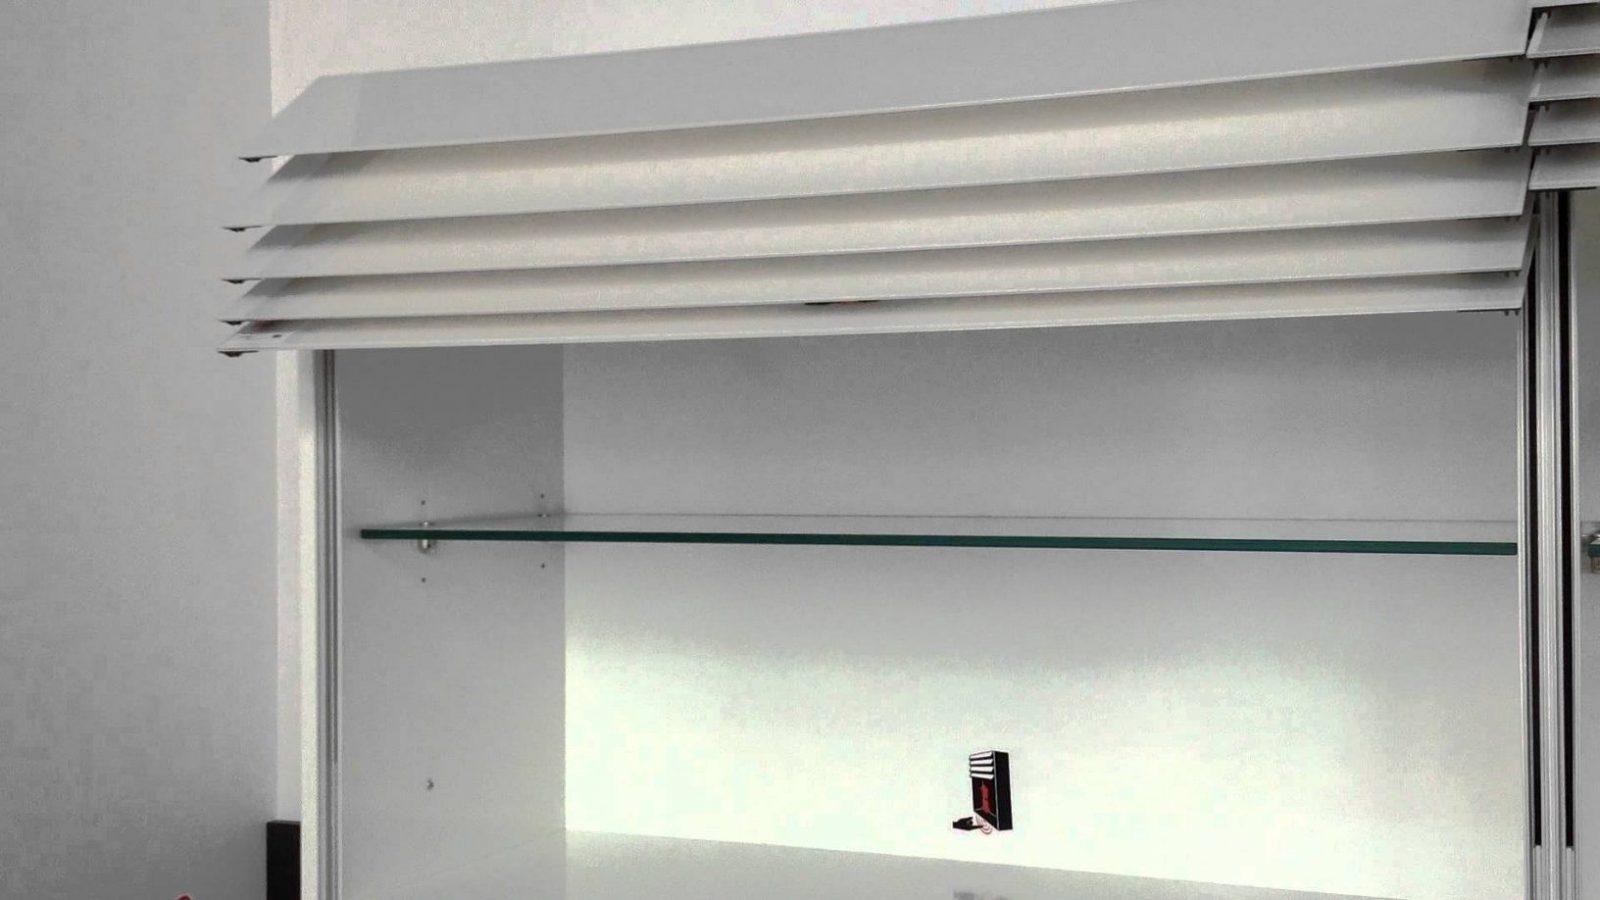 Der Climber Ein Hängeschrank Mit Elektrischen Lamellen  Youtube von Küchen Hängeschrank Mit Schiebetüren Bild